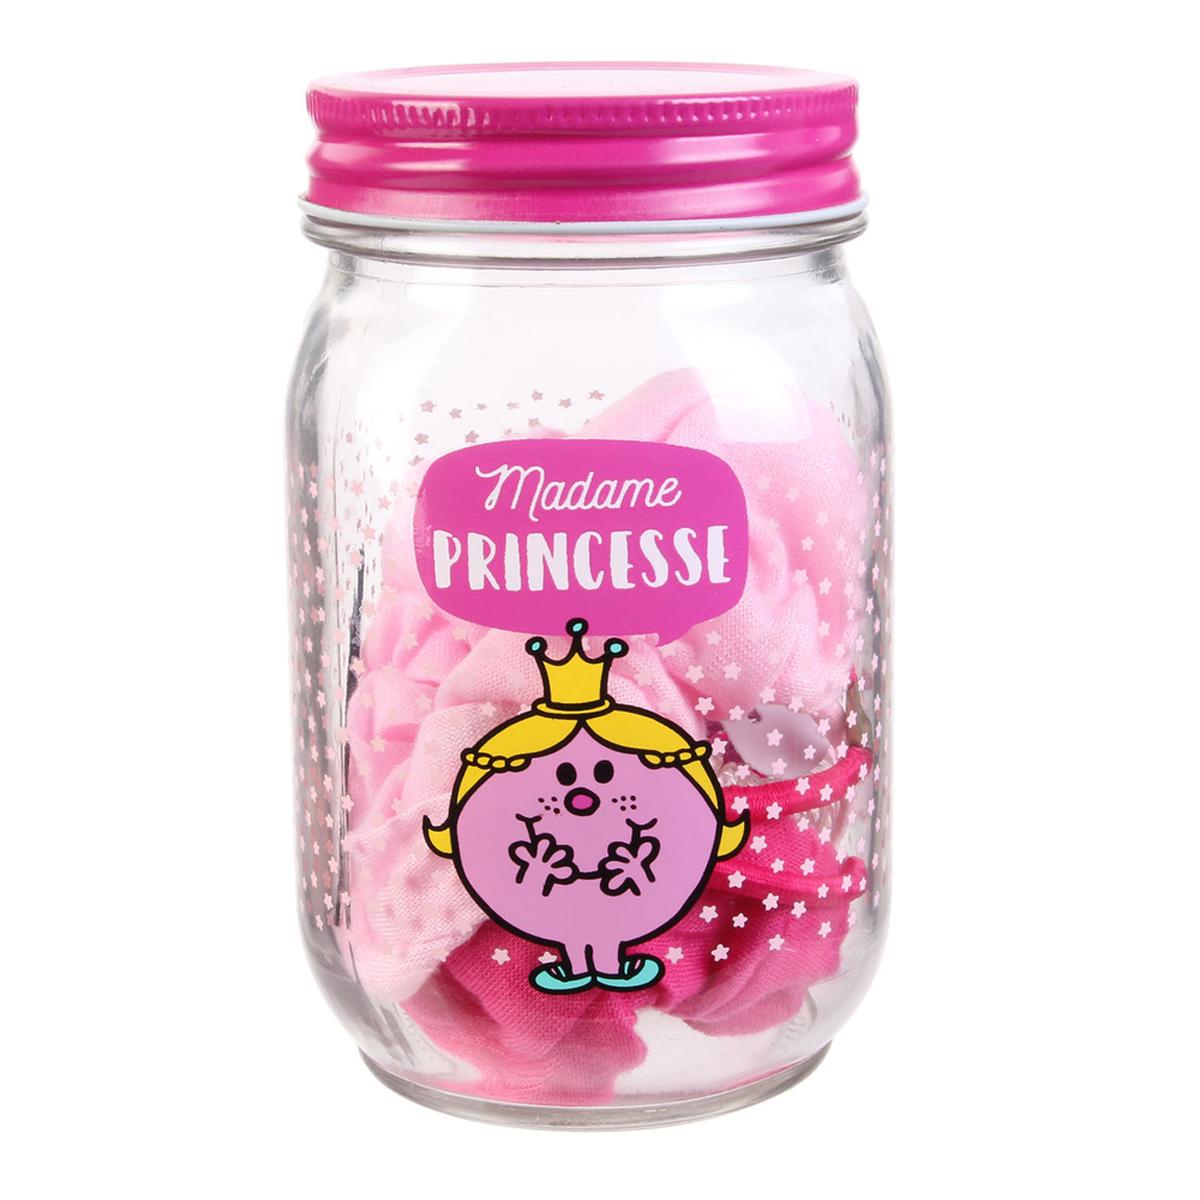 Mason jar accessoires cheveux \'Monsieur Madame\' rose (Mme Princesse) - 13x8 cm (29 pièces) - [R0023]